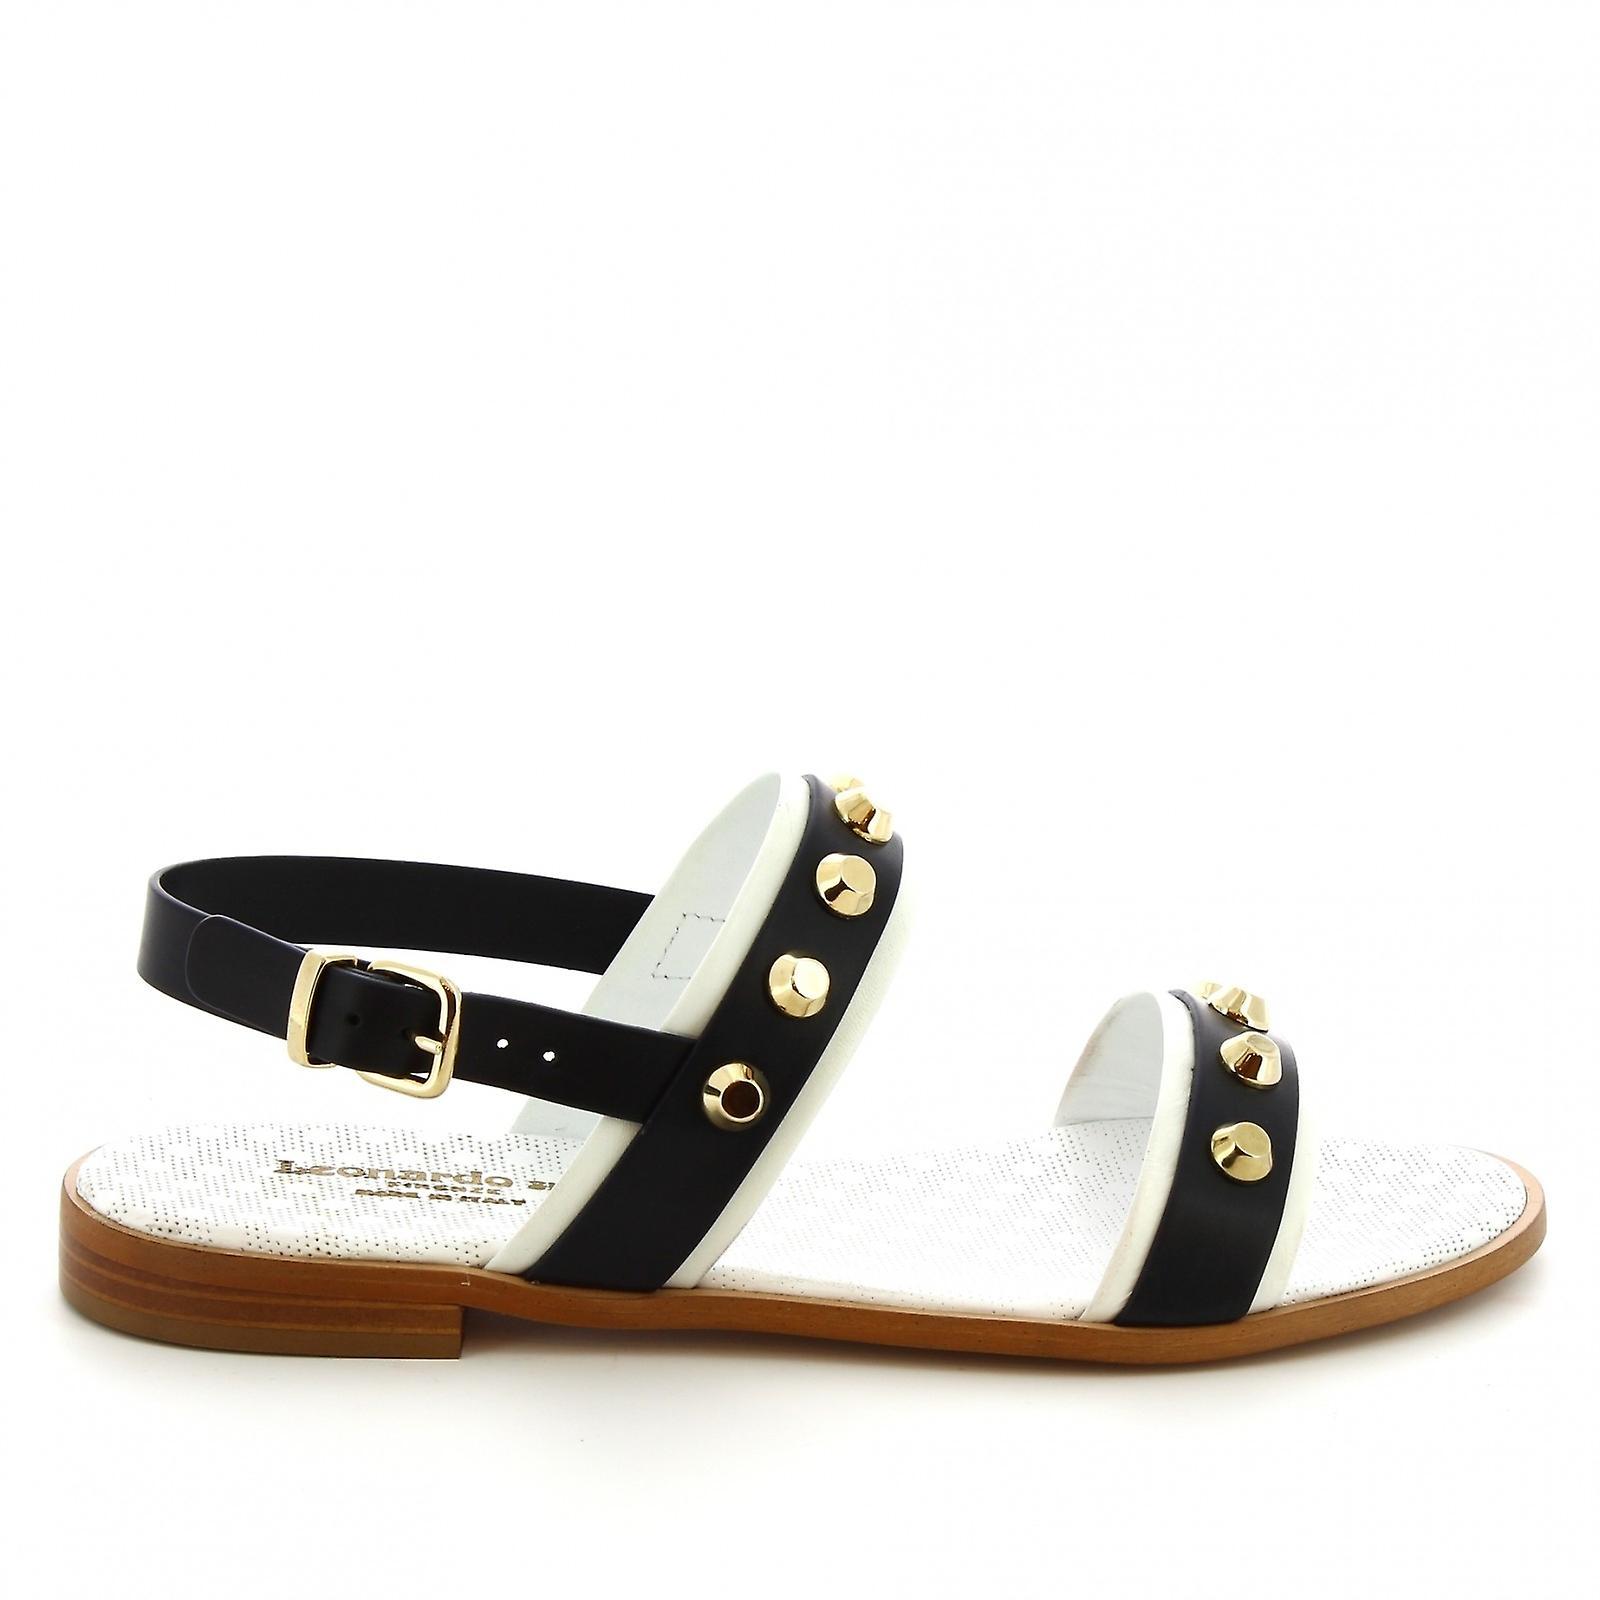 Leonardo Shoes Femmes-apos;s sandales plates cloutées à la main en cuir de veau bleu